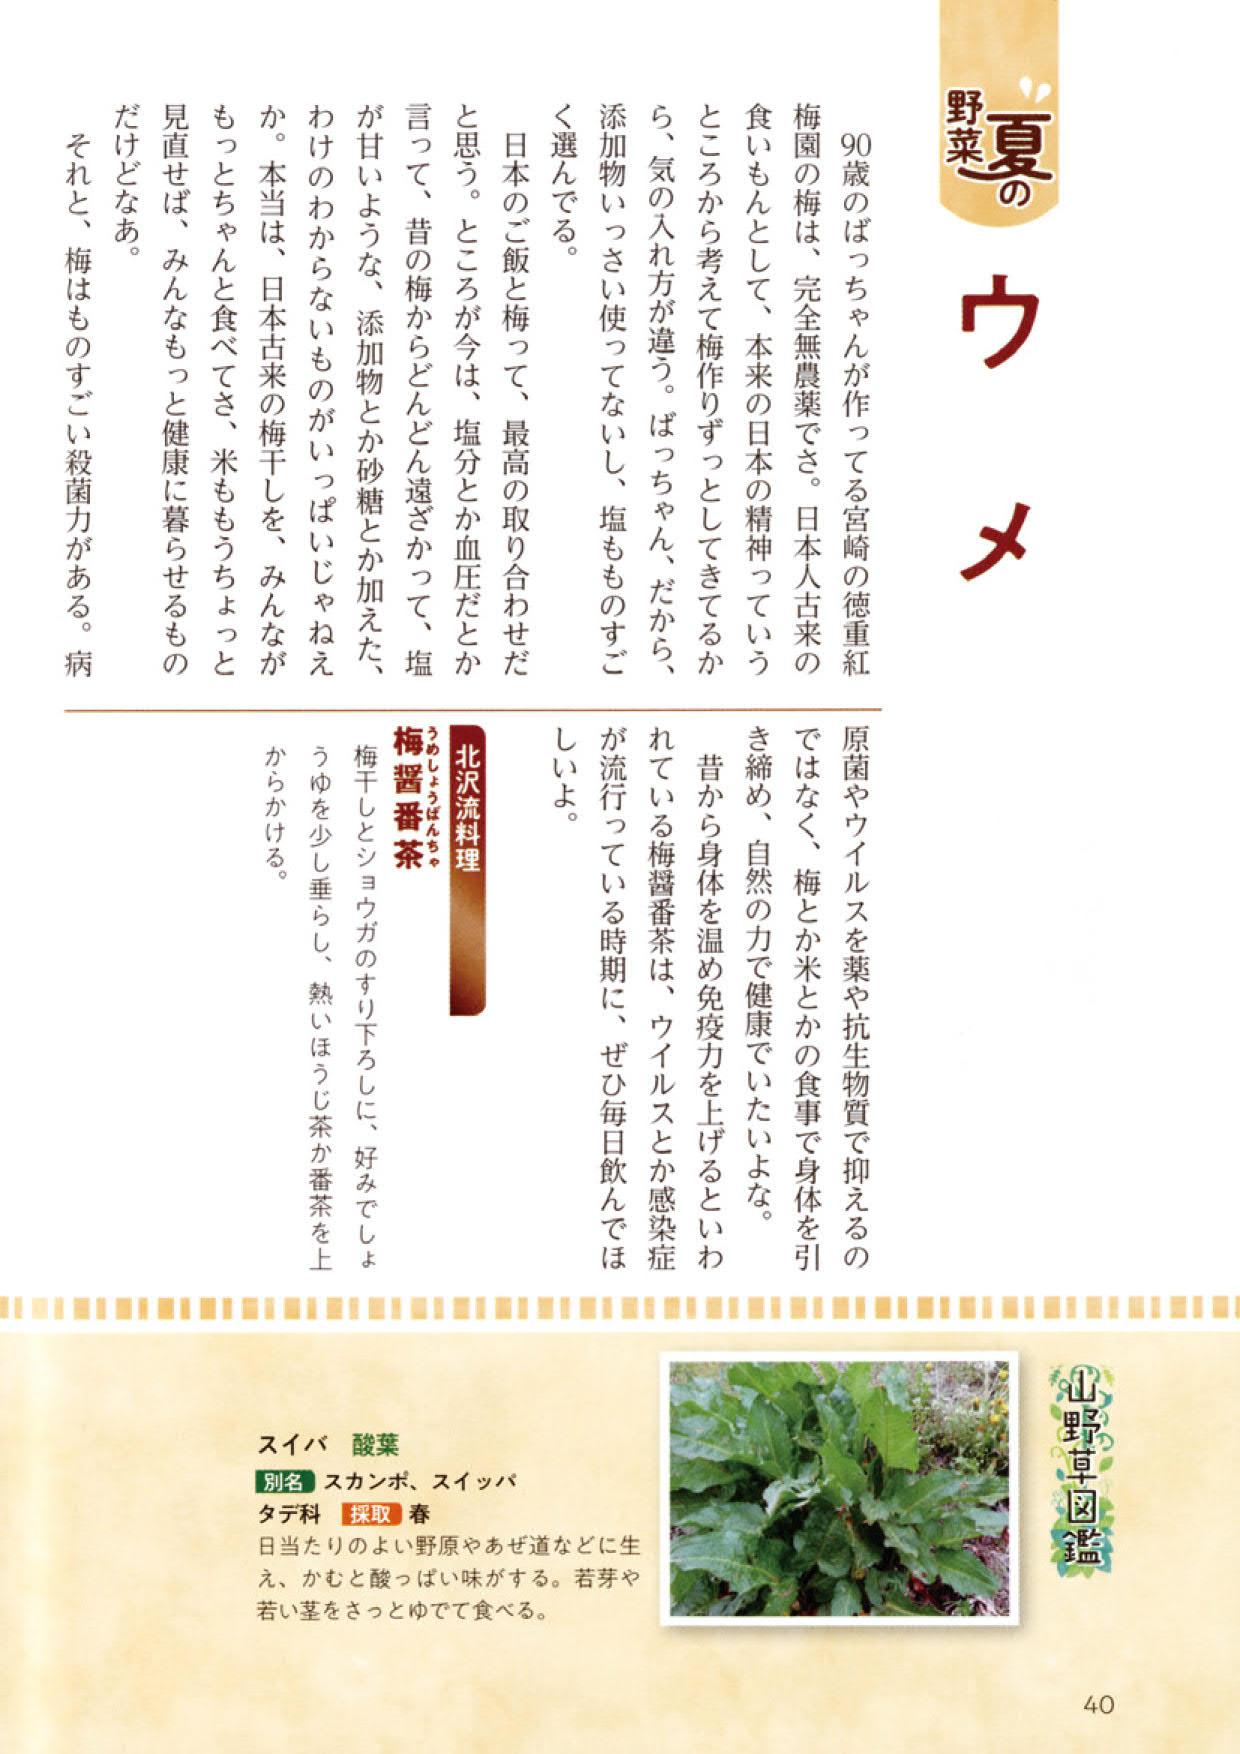 四季を彩るデトックス料理本文1